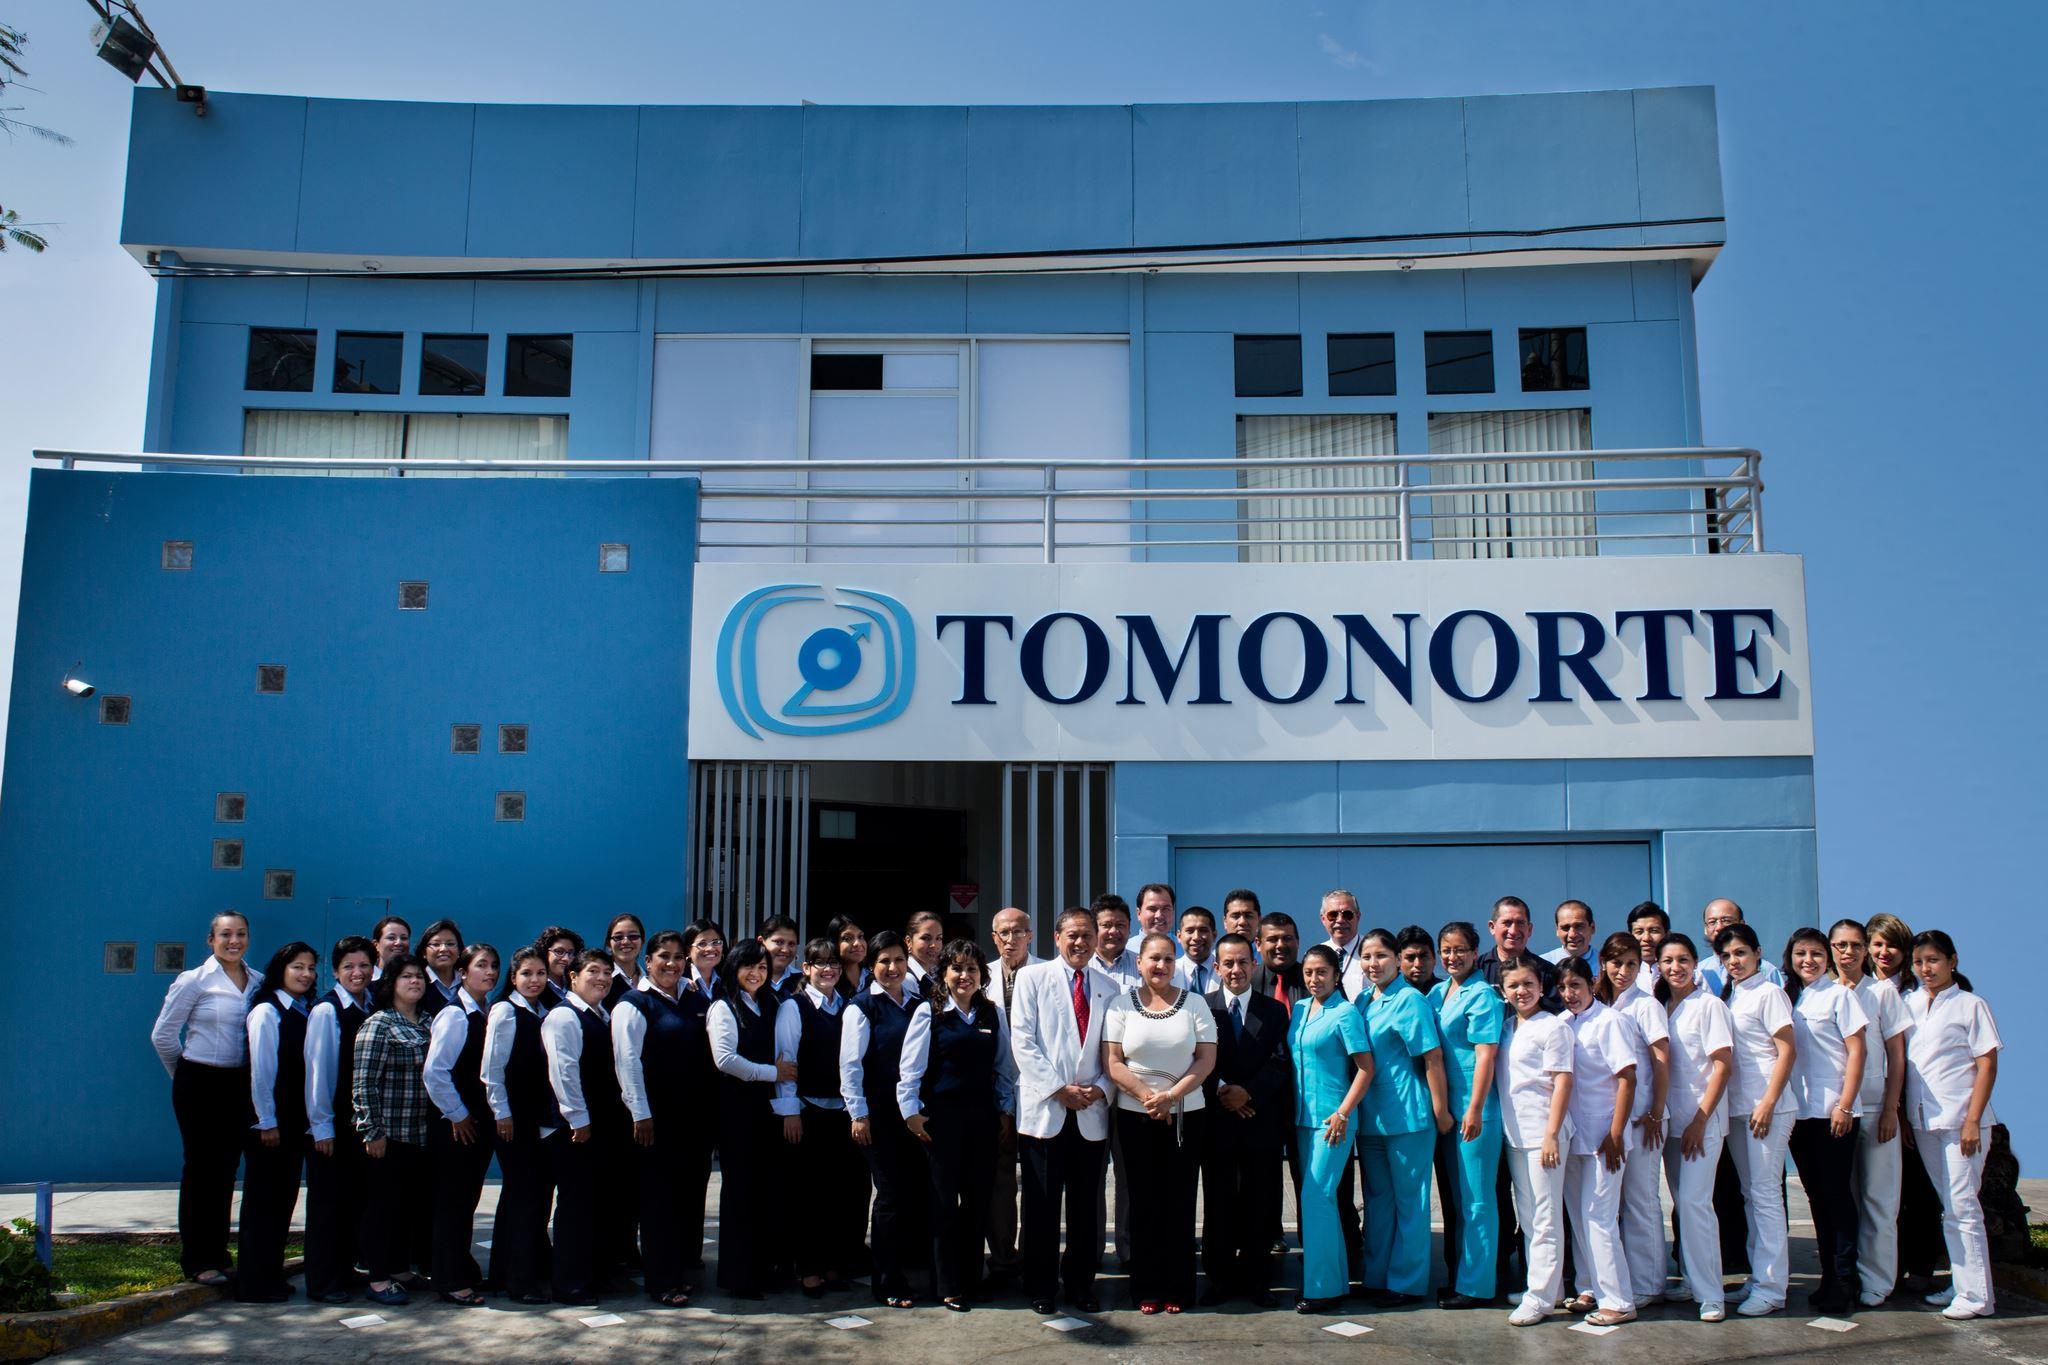 TomoNorte en Trujillo - Perú 2021: atención las 24 horas